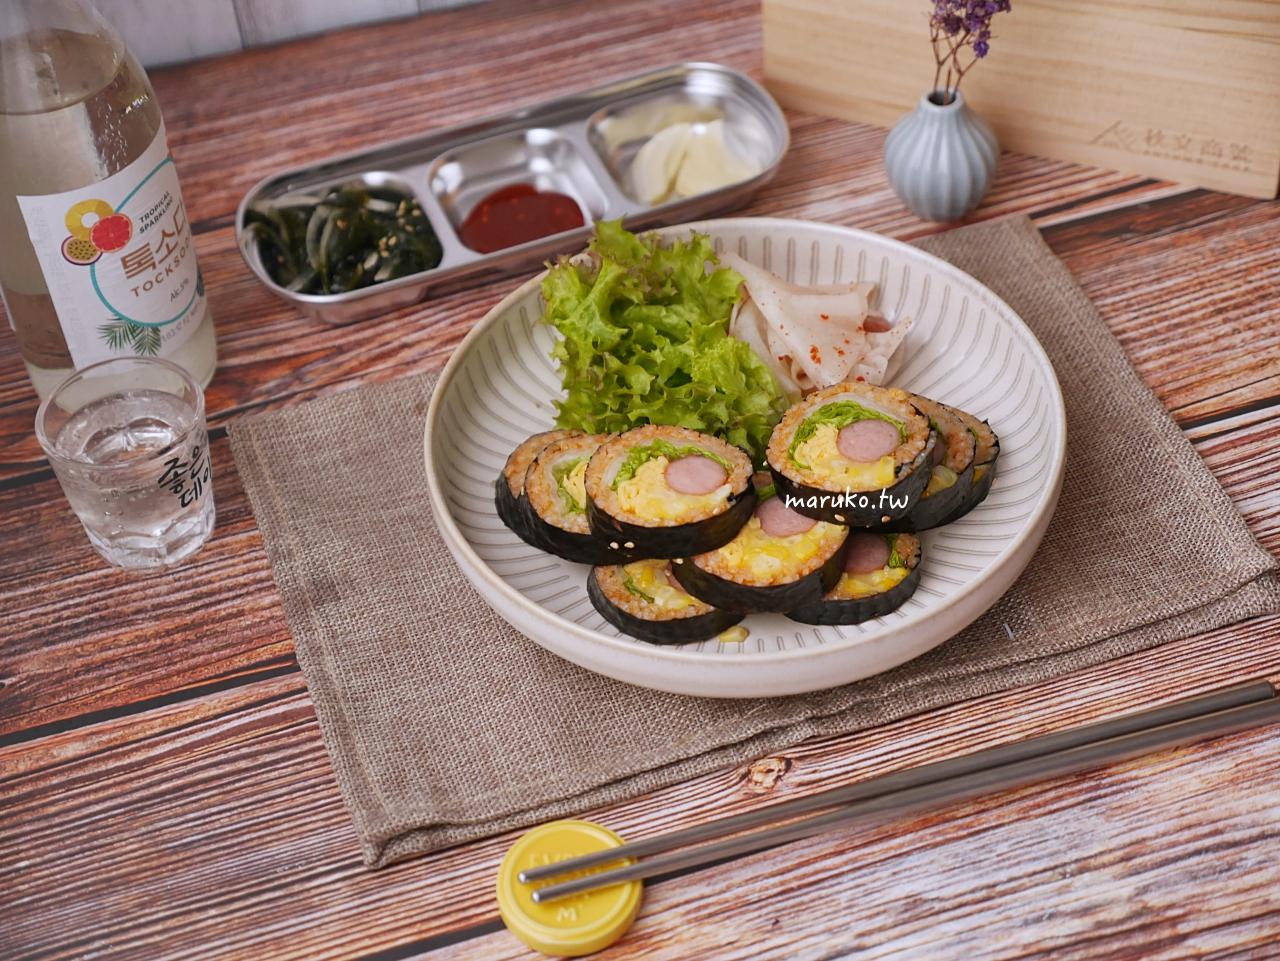 【食譜】韓式香腸起司玉米辣味紫菜包飯 這樣做更爽口 秋文商號 儲米盒實用心得分享 @Maruko與美食有個約會